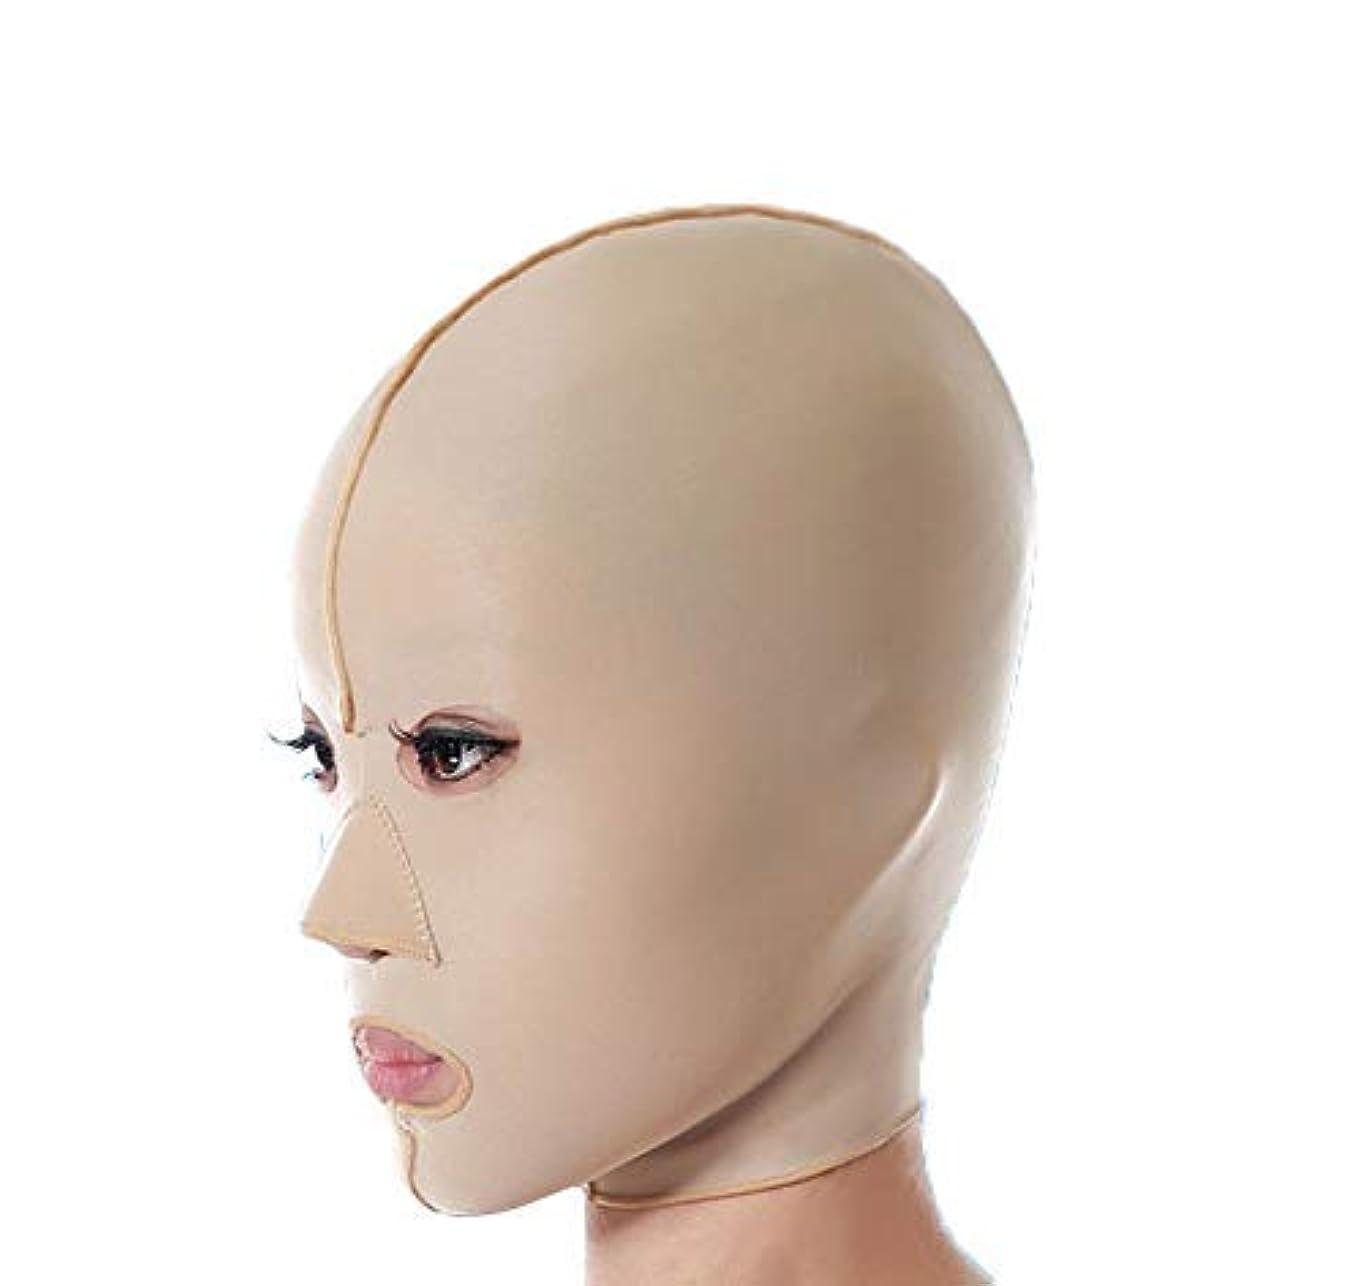 補償おっと困惑するファーミングフェイスマスク、フェイシャルマスク医学強力なフェイスマスクアーティファクト美容垂れ防止法パターンフェイシャルリフティングファーミングフルフェイスマスク(サイズ:M),M